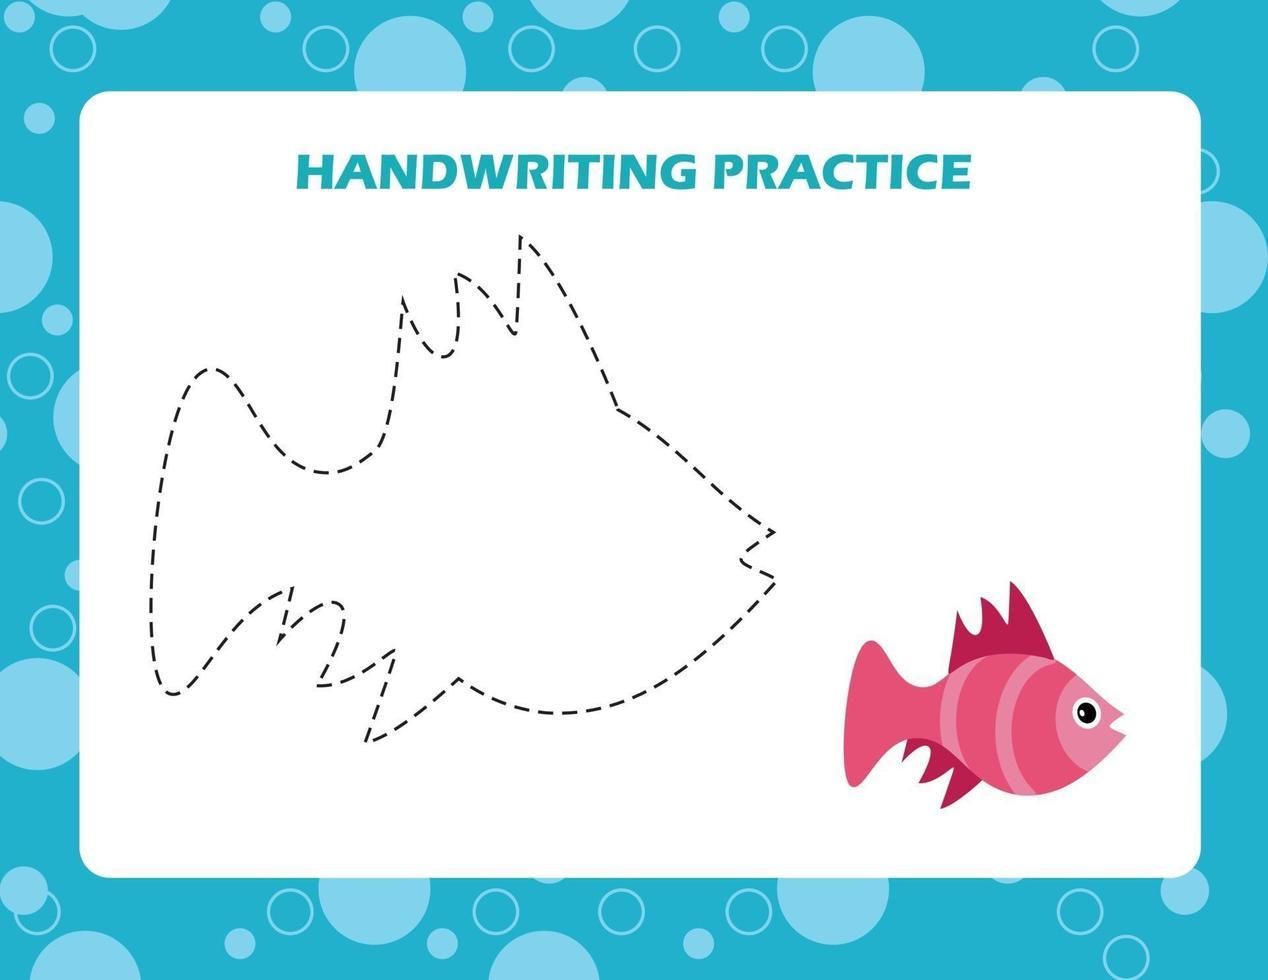 spåra linjerna med tecknad fisk. skrivförmåga övning. vektor